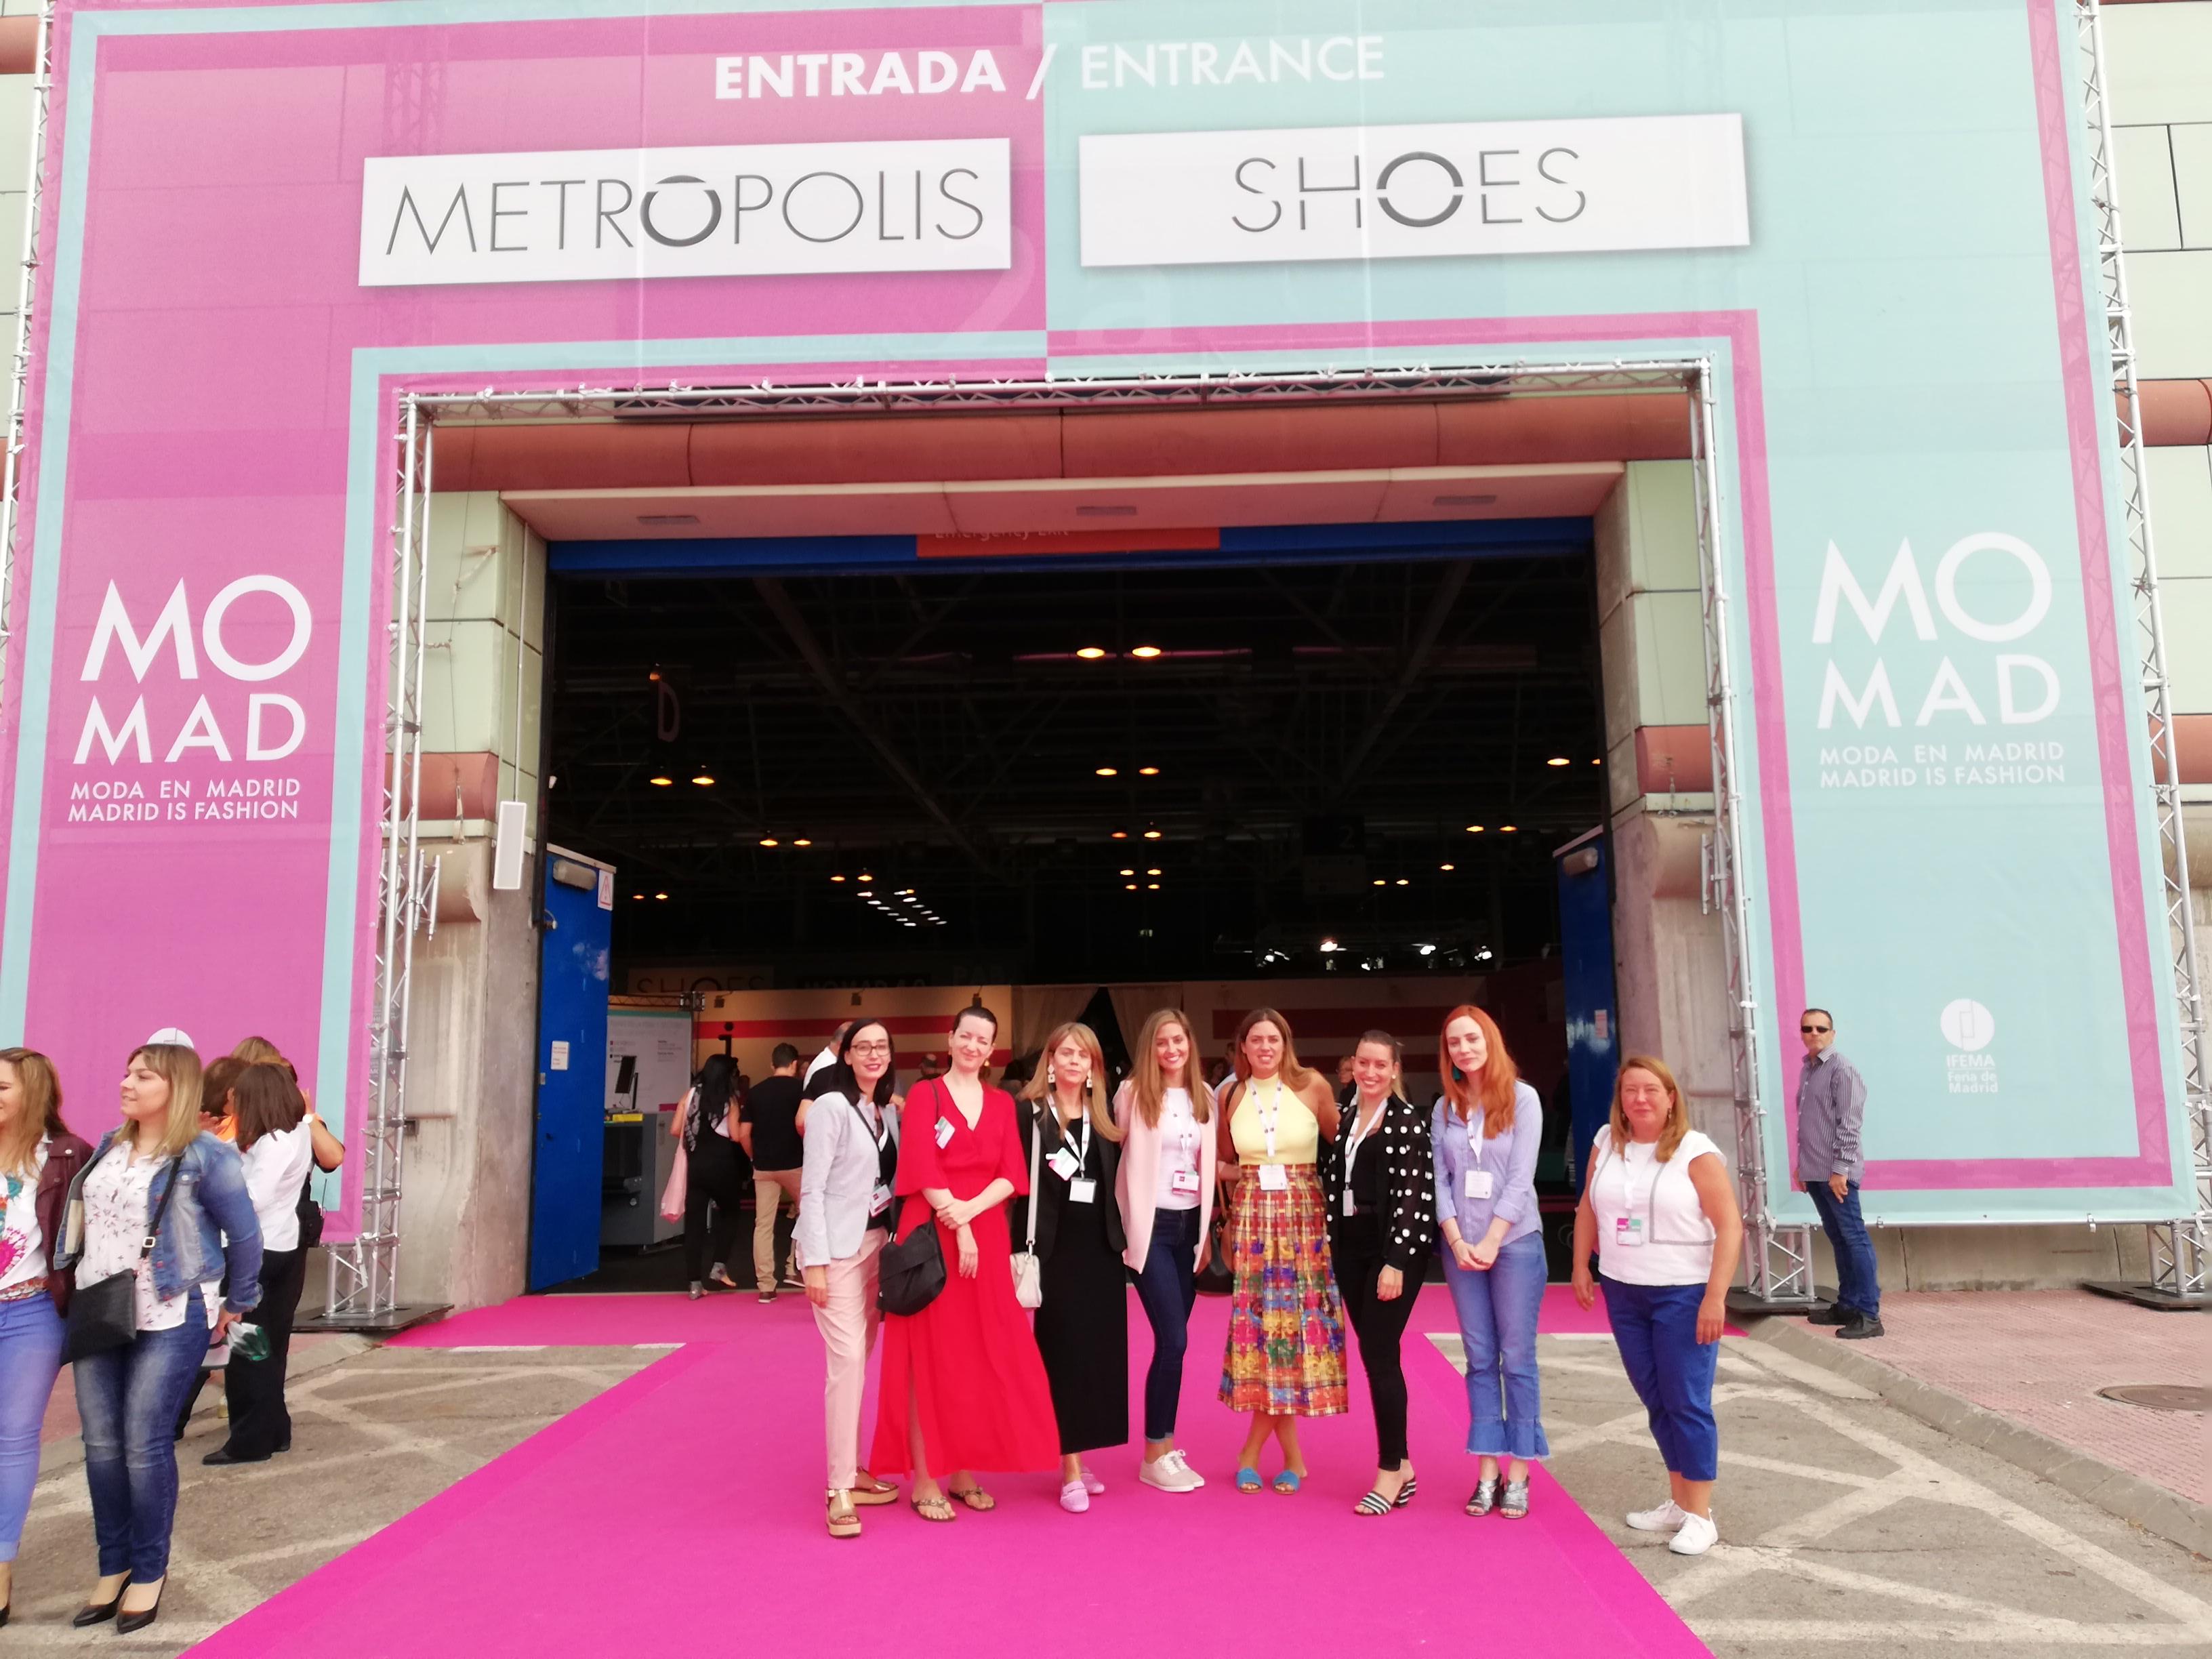 IMG_20180908_111458 MOMAD Metrópolis: Visitamos la feria de Moda en Madrid